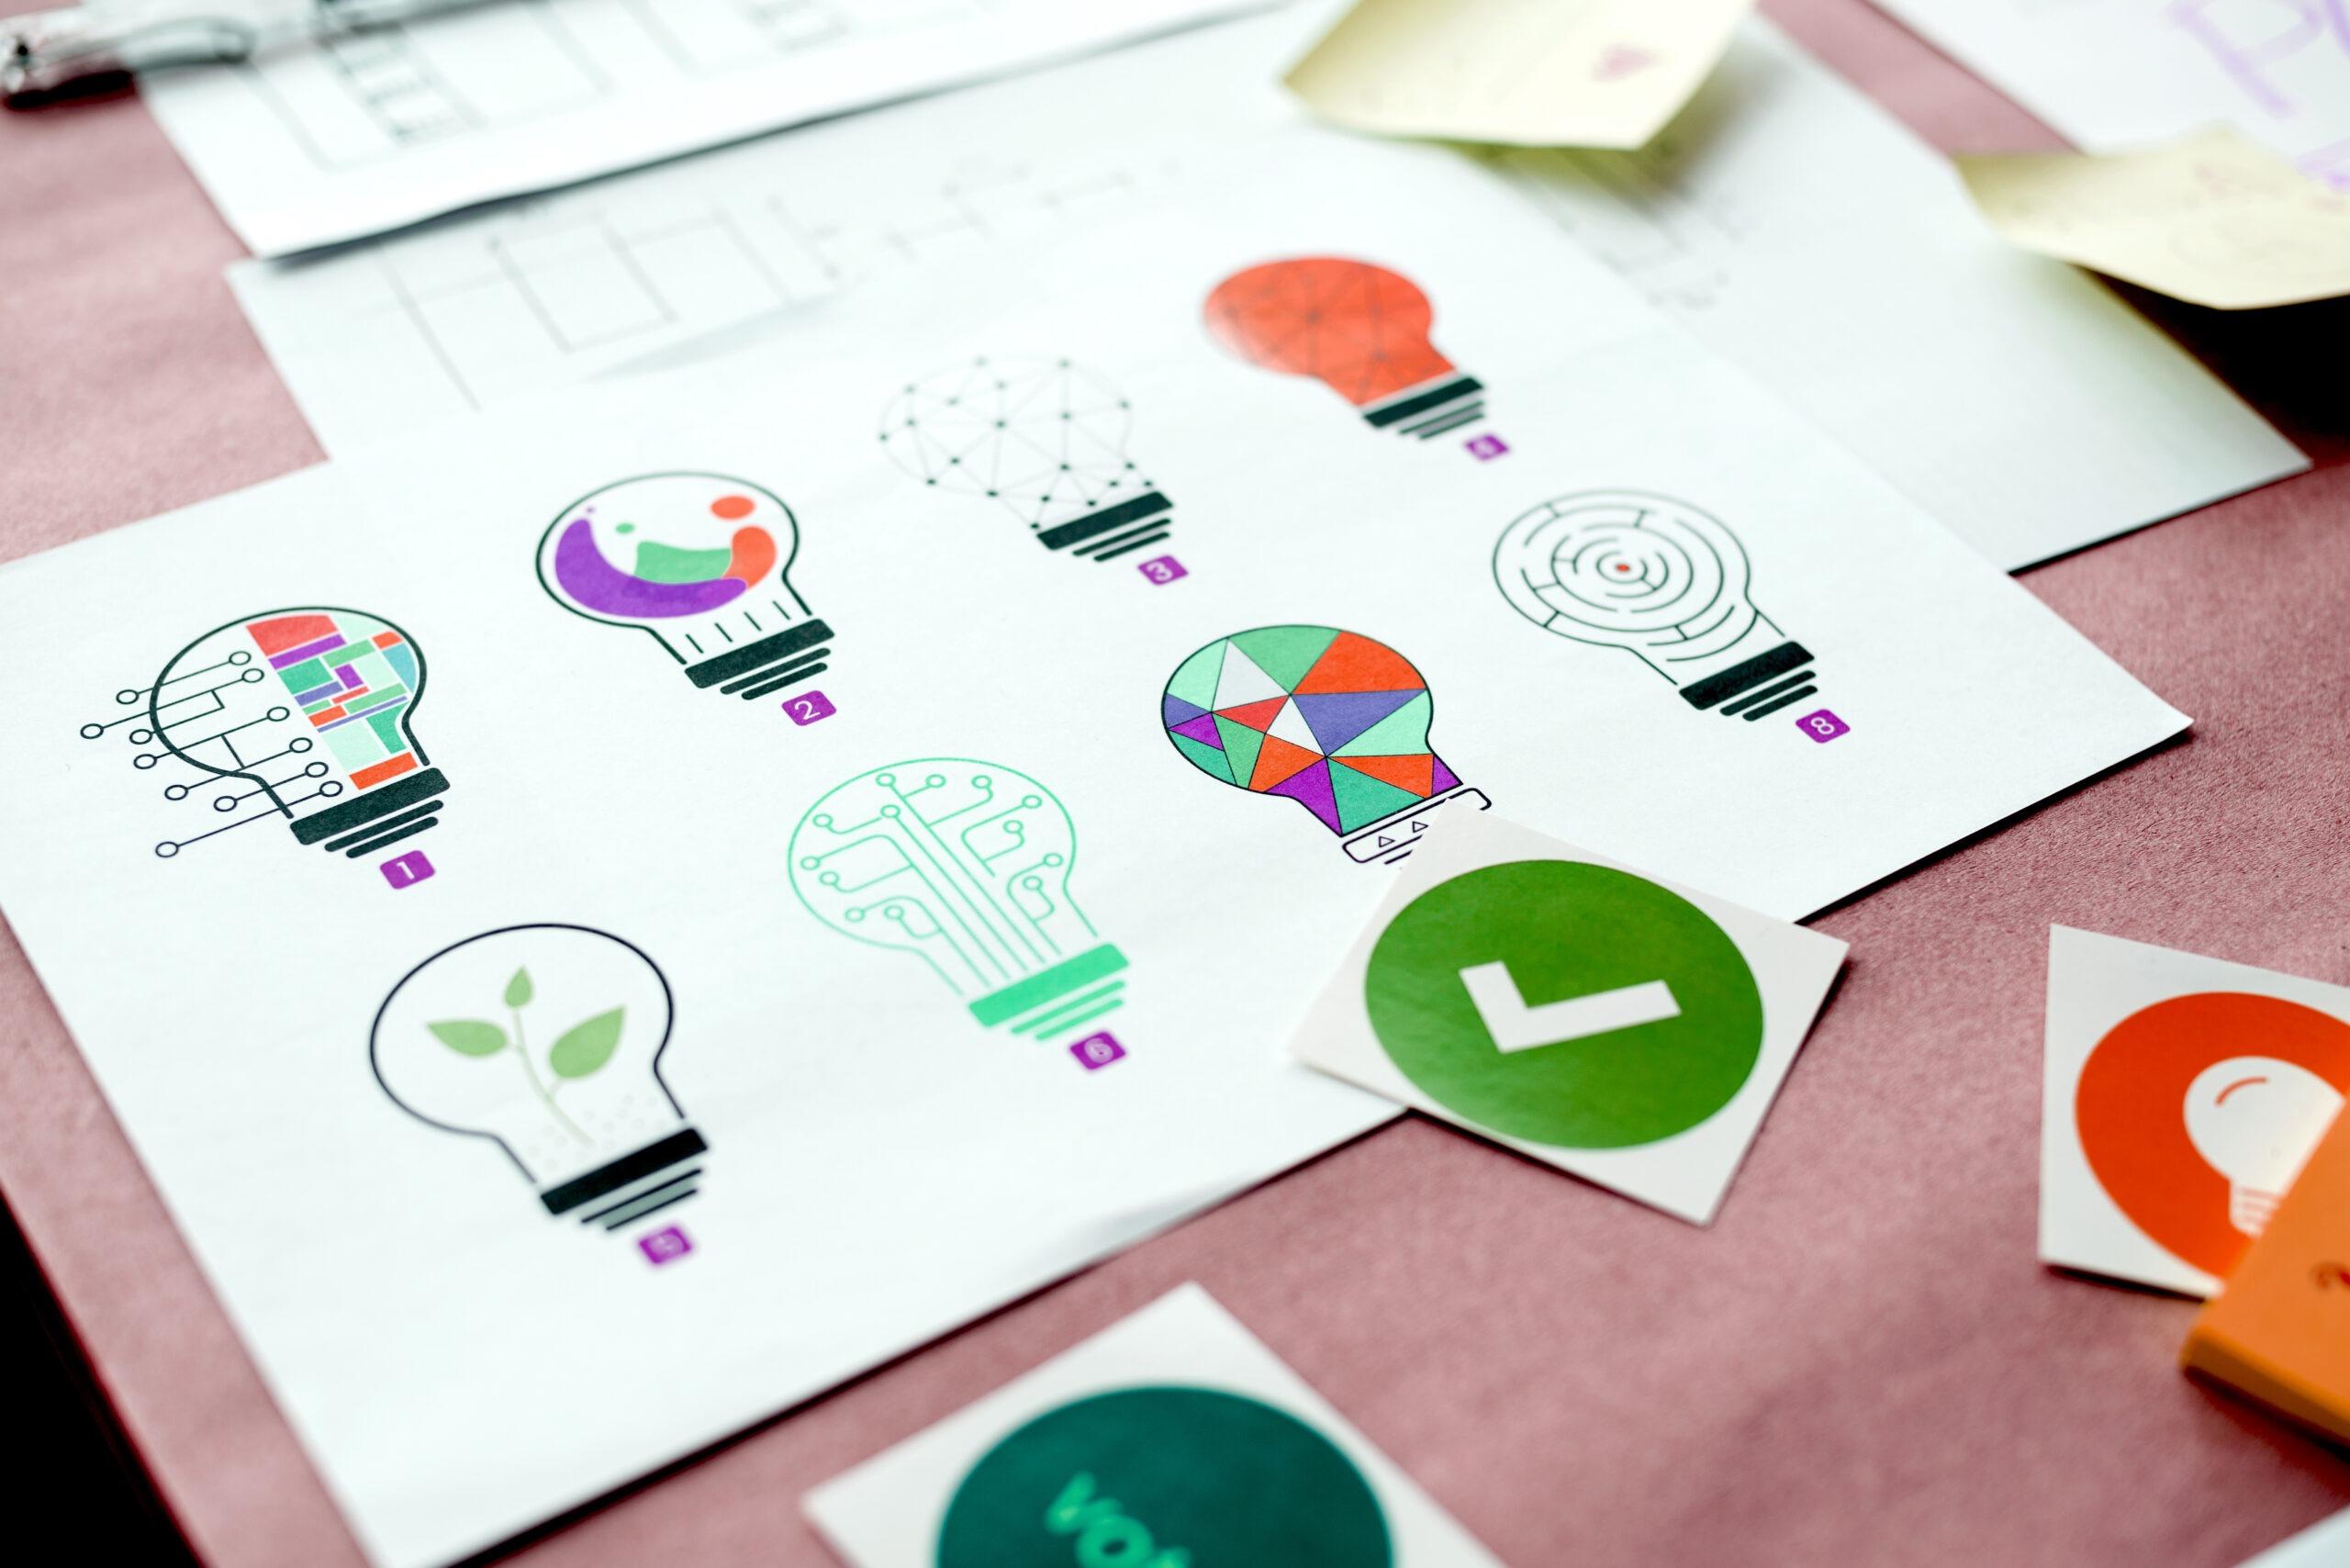 Múltiplos designs de lâmpada representando ideias para um atendimento ao cliente inovador